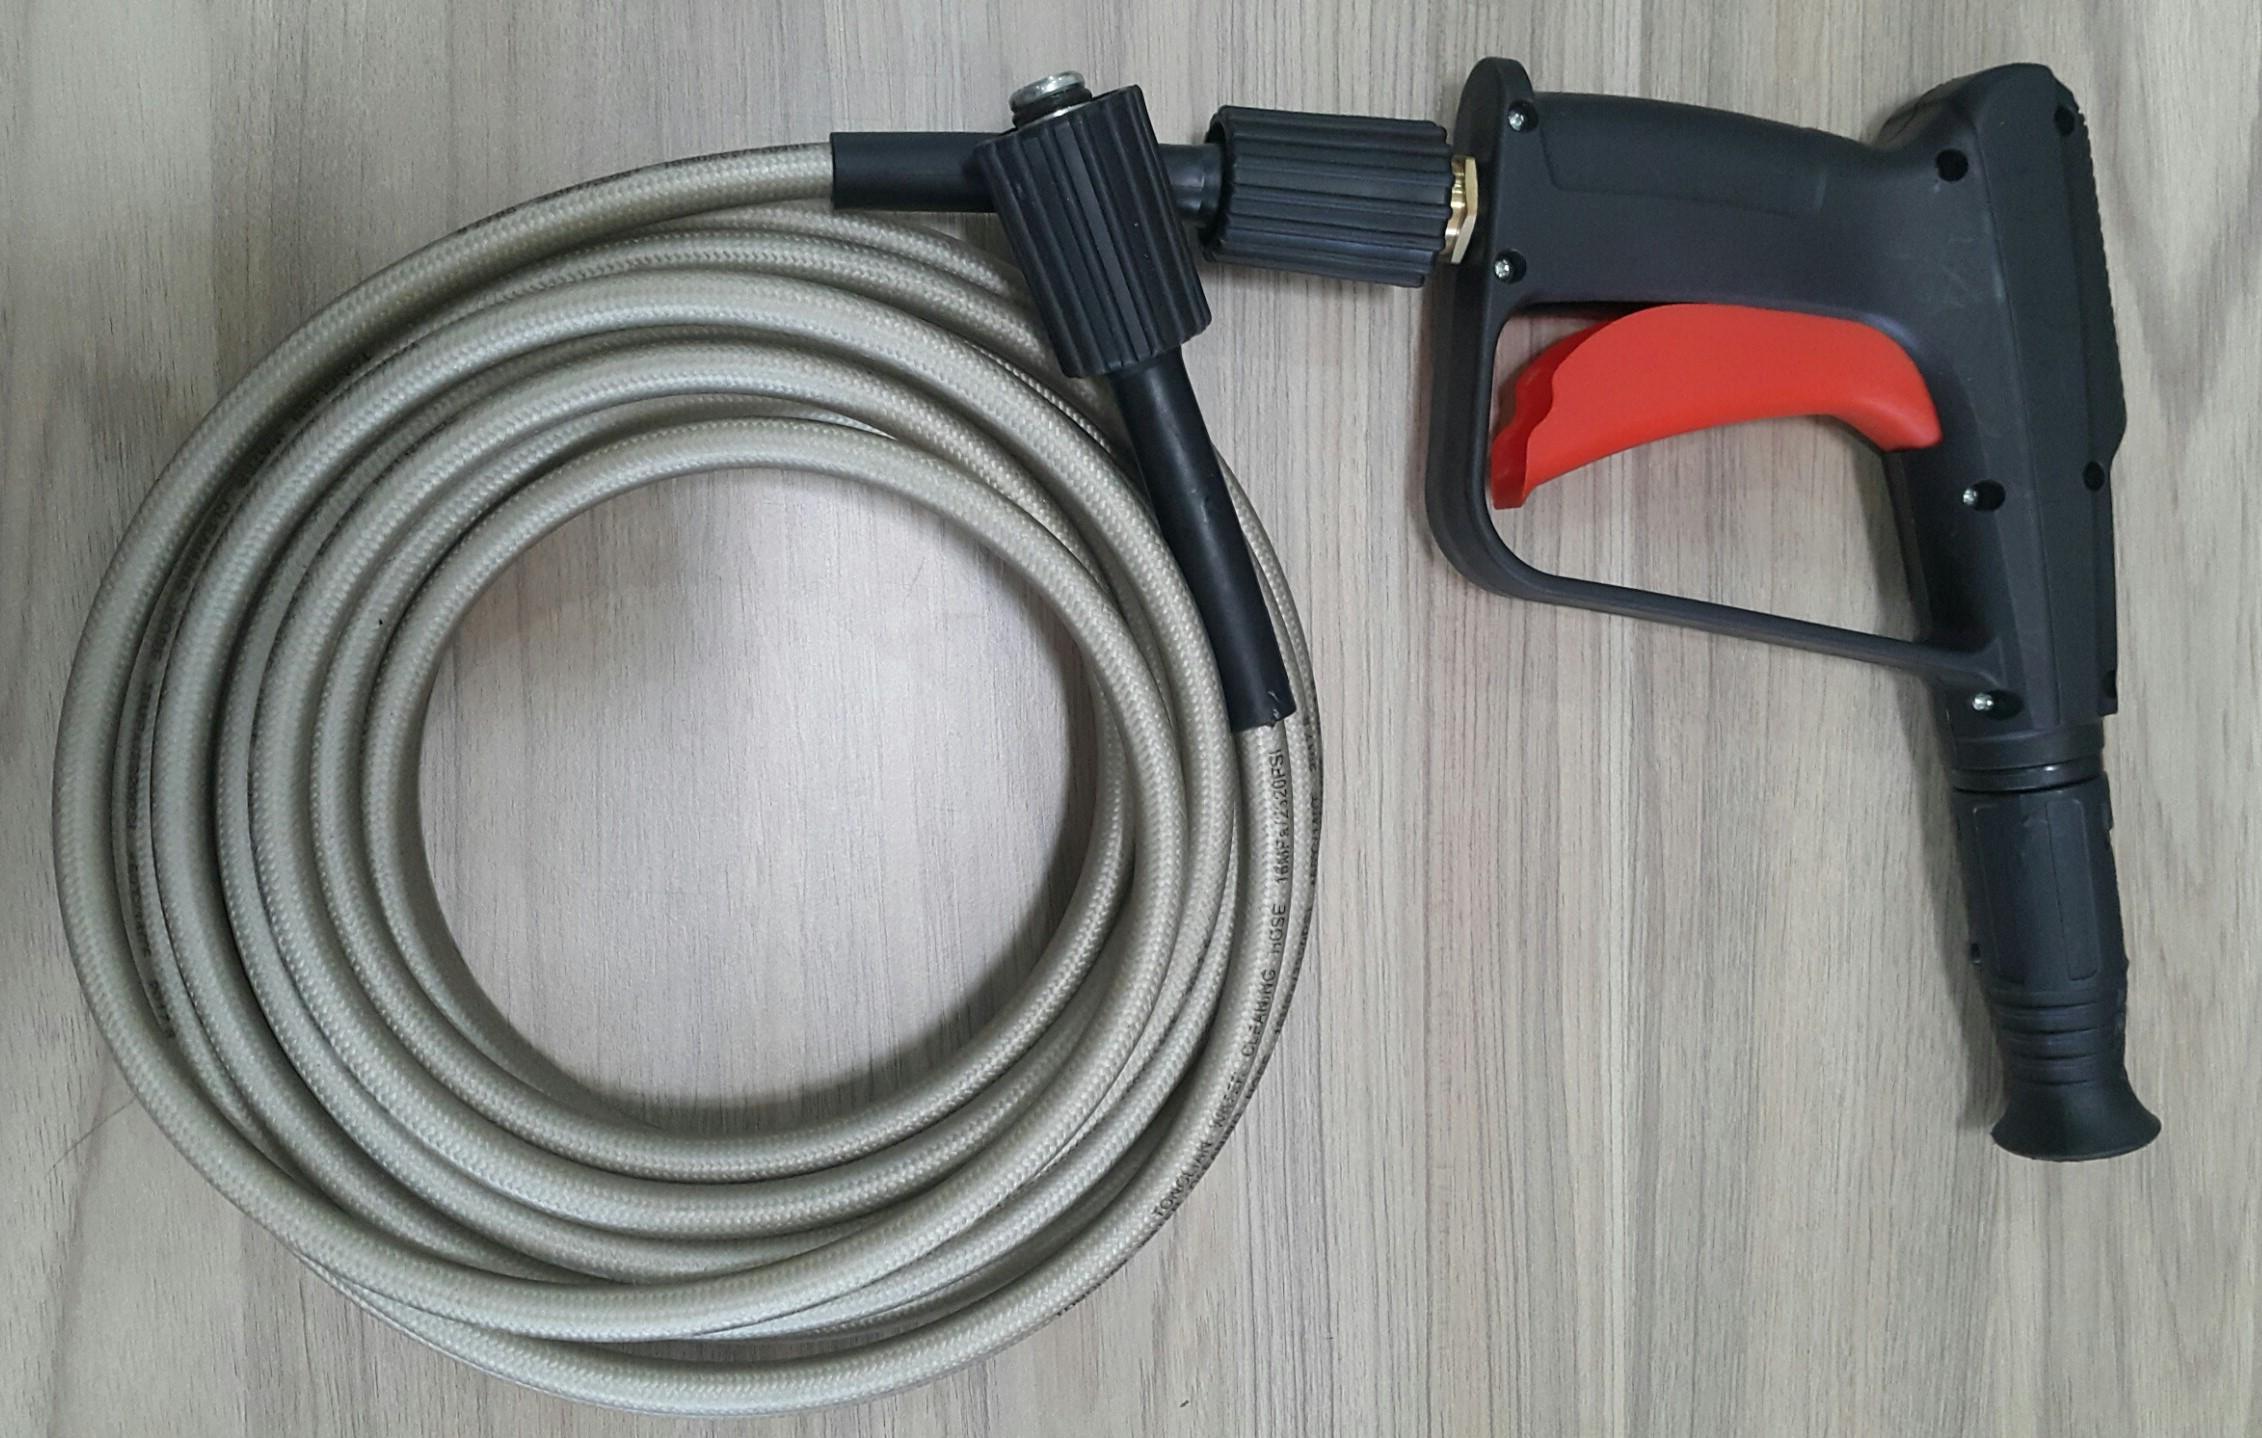 Hình ảnh Dây và Súng xịt áp lực có thể chỉnh nhiều tia dùng cho máy xịt Makita, Black Decker, Bosch, Stanley..